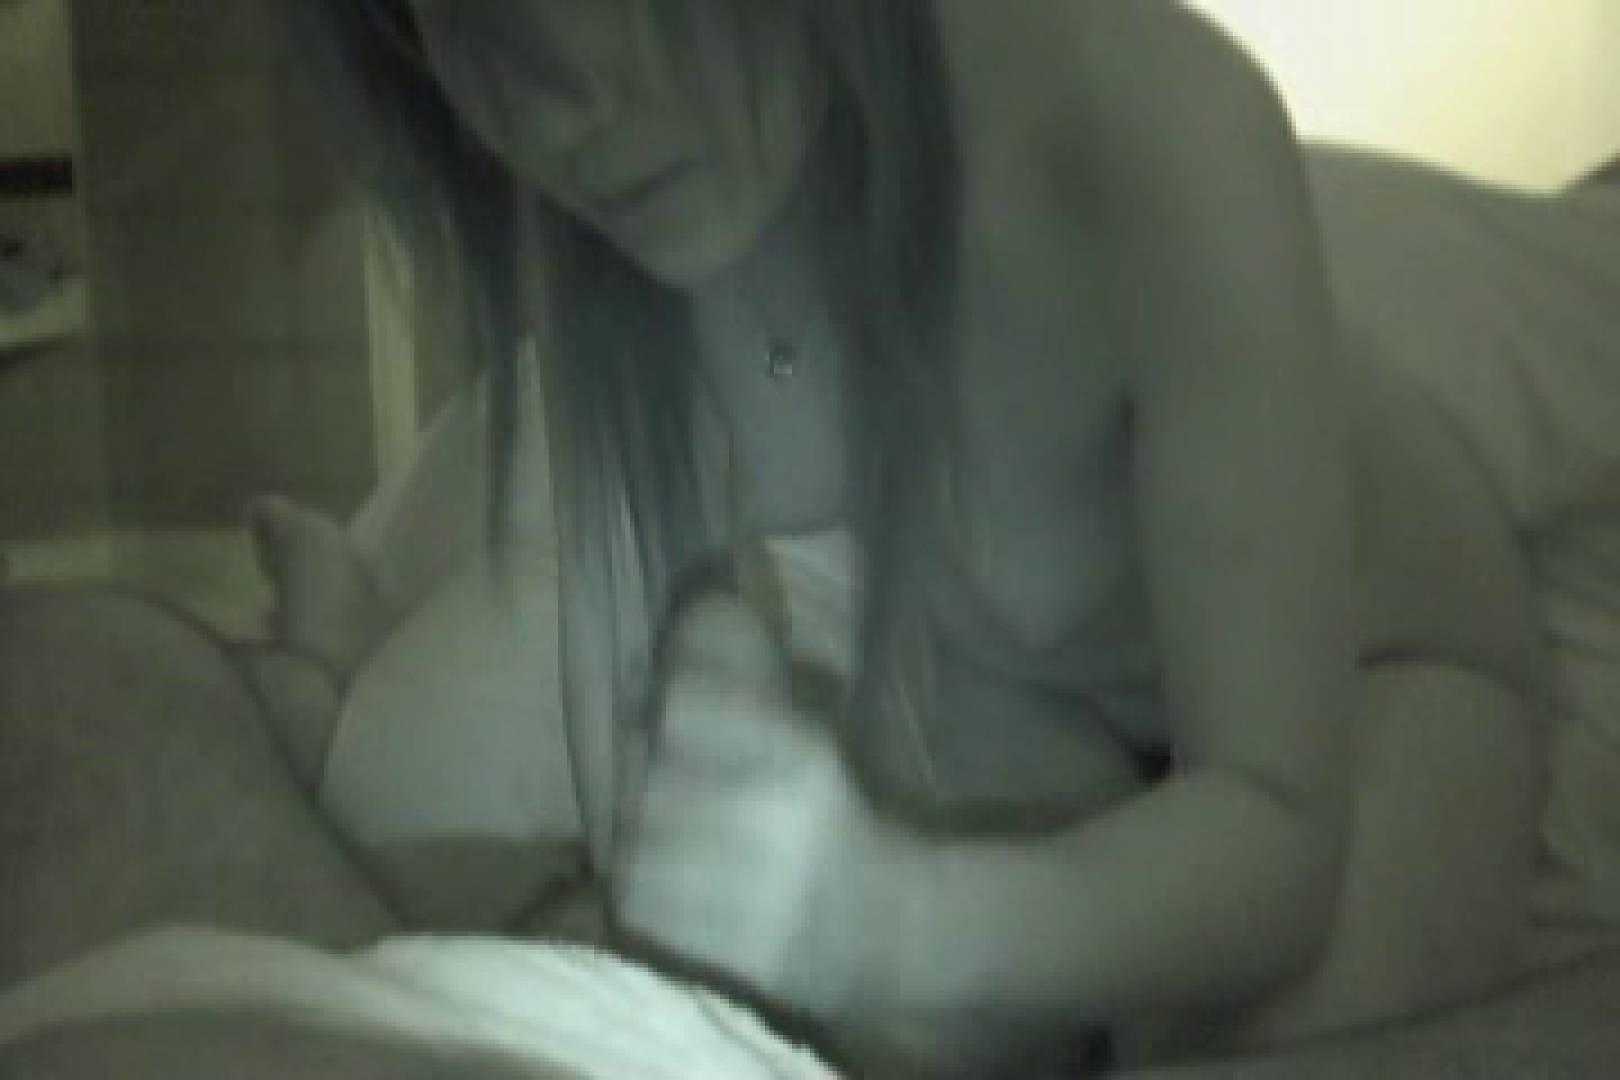 タレ目ちゃんに電気を消して中出し フェラチオシーン 女性器鑑賞 105pic 98